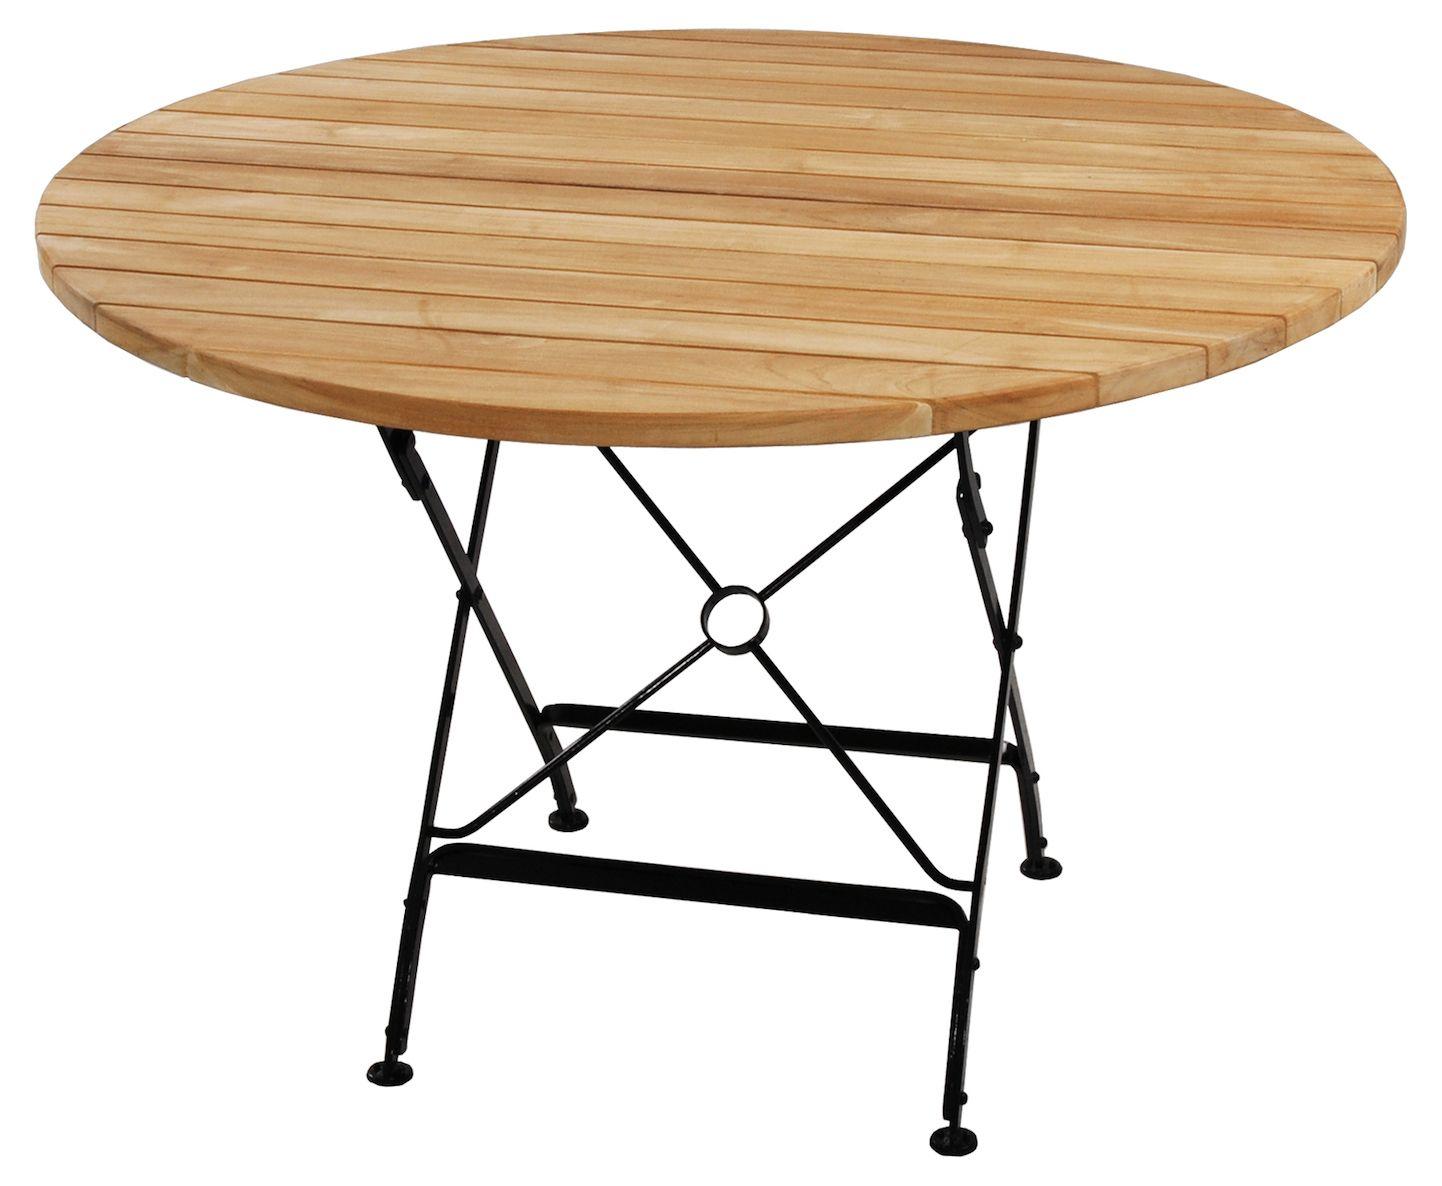 Full Size of Gartentisch Klappbar Zebra Florence Teakholz Tisch Rund Ausklappbares Bett Ausklappbar Wohnzimmer Gartentisch Klappbar